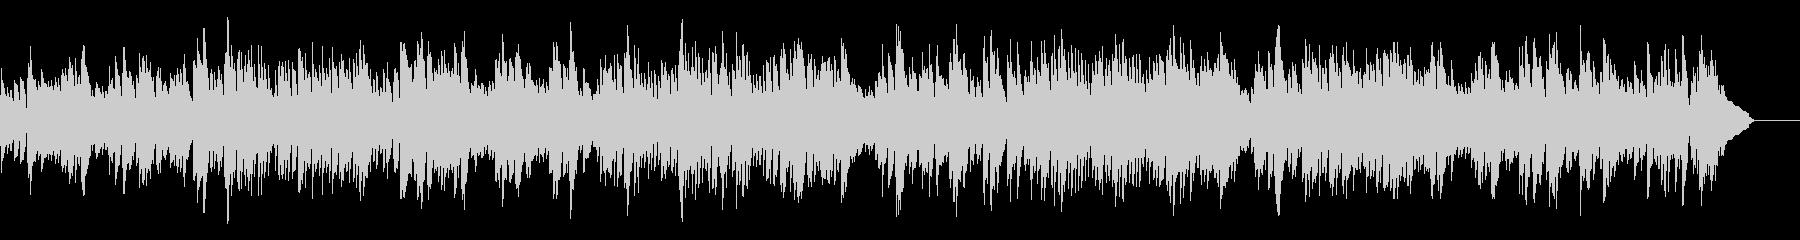 バッハ_インヴェンション第5番_ピアノの未再生の波形